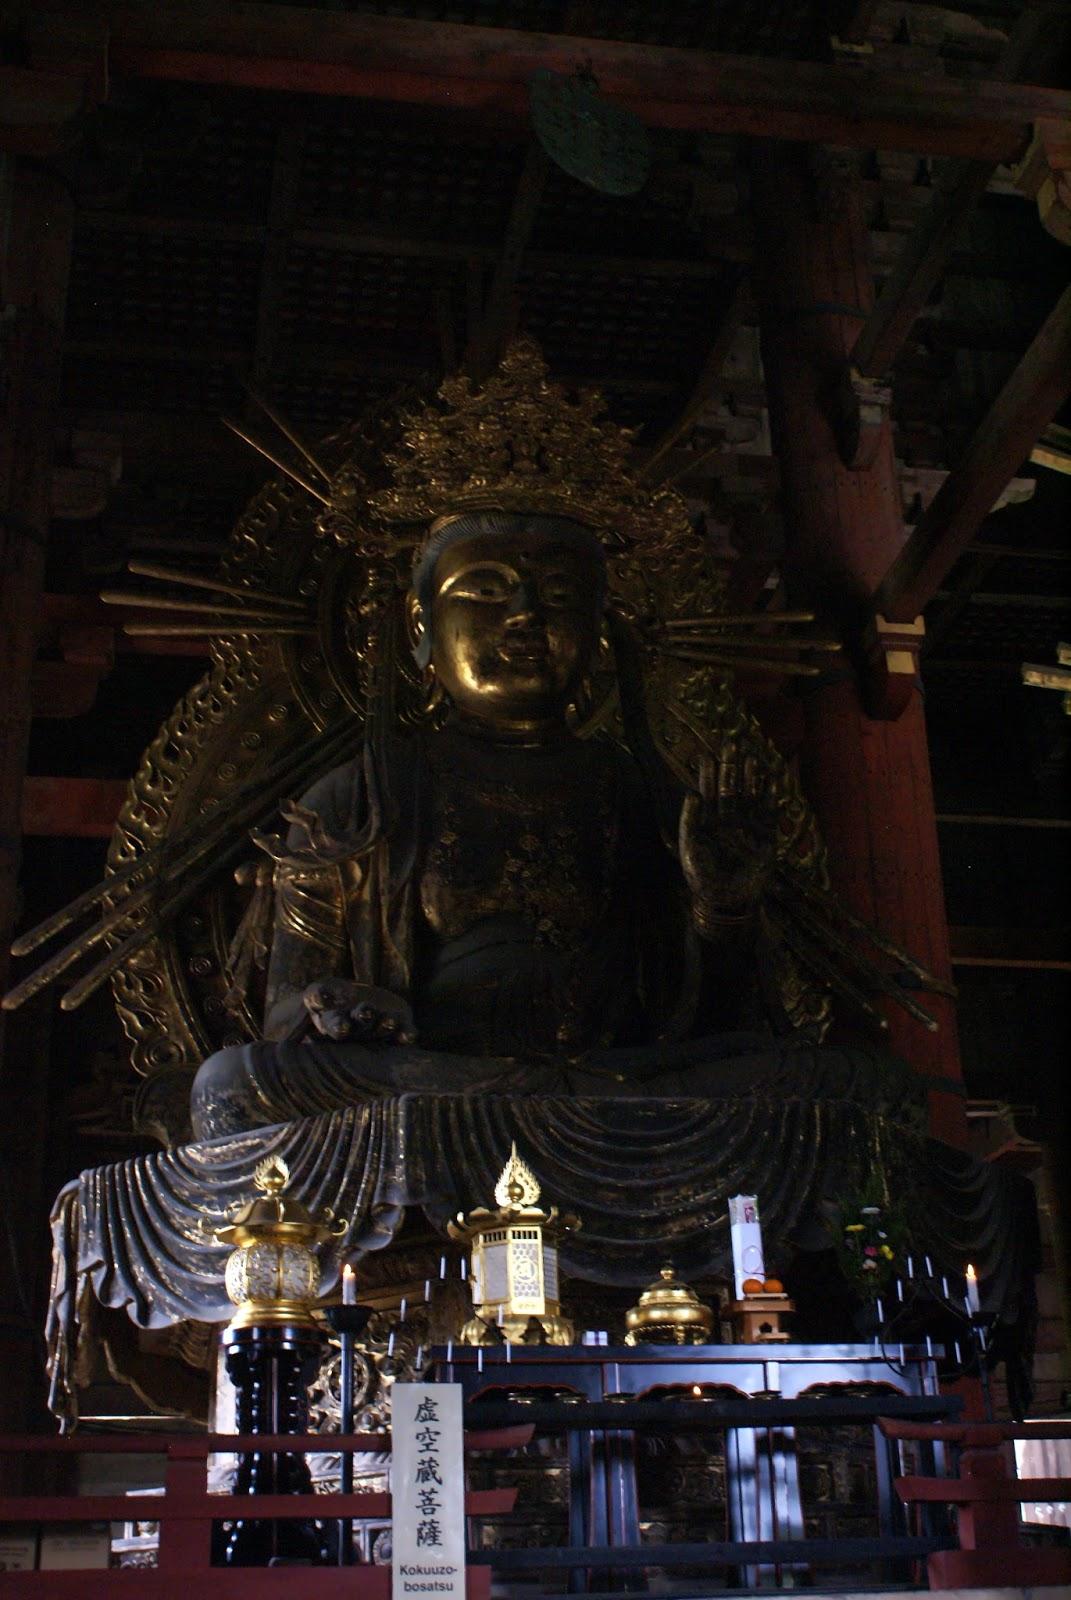 nara todai ji buddhist temple kokuzo bosatsu bodhisattva japan asia